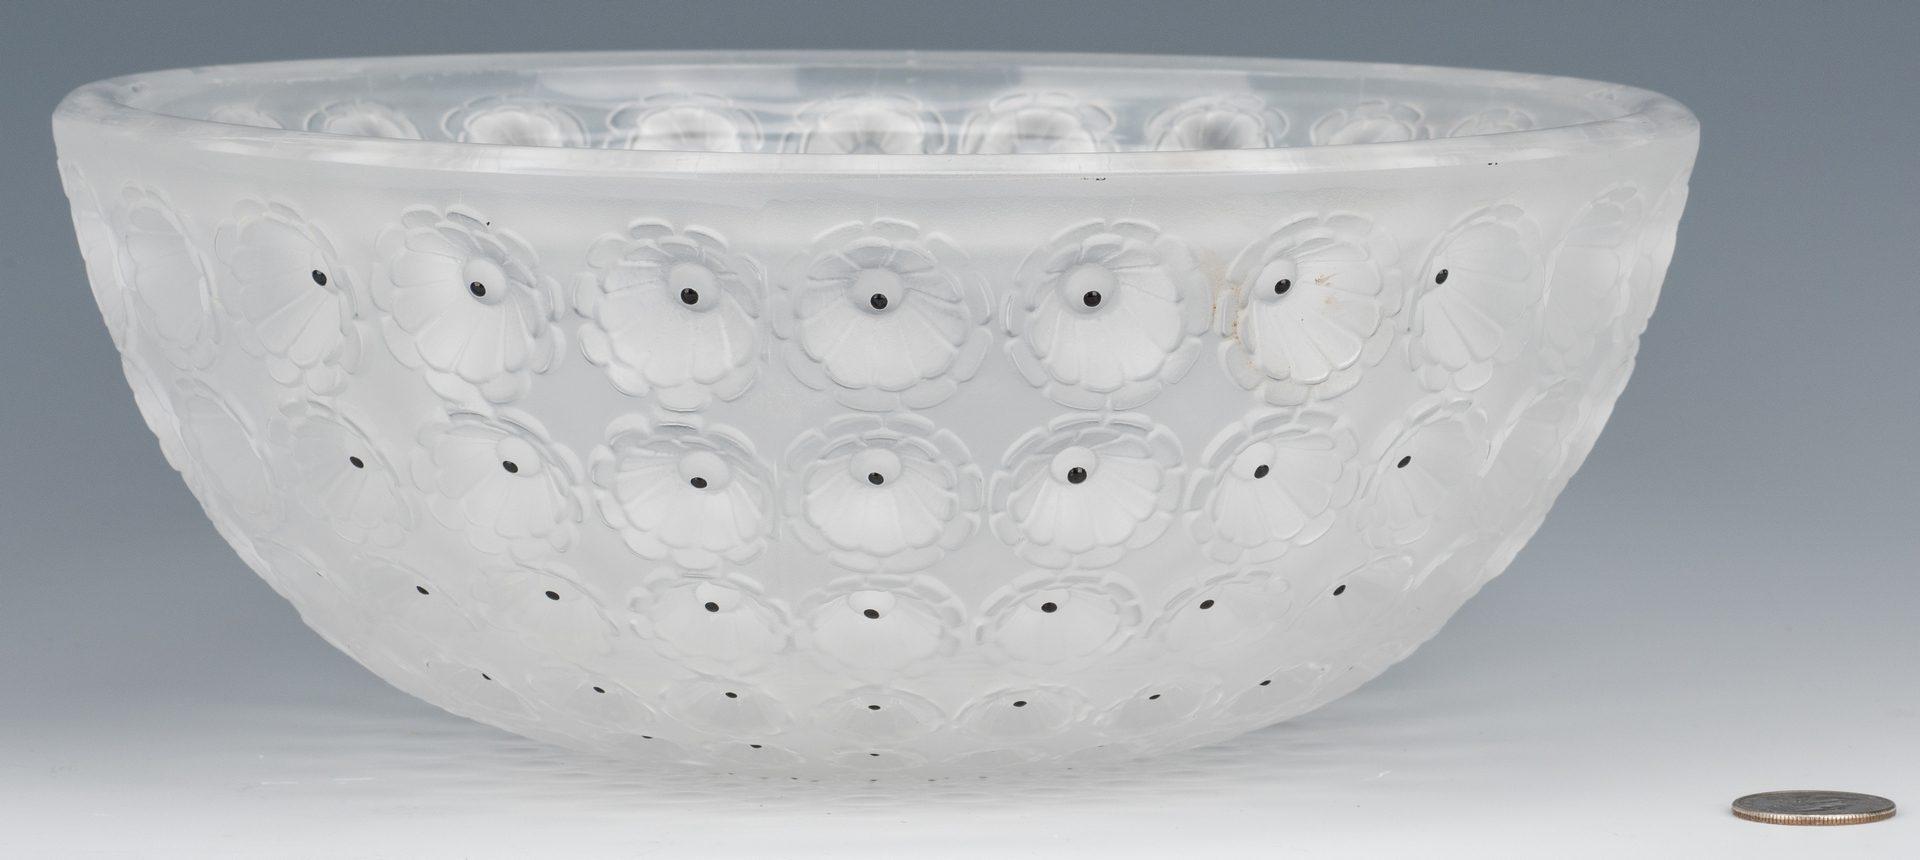 Lot 609: Lalique Nemours bowl